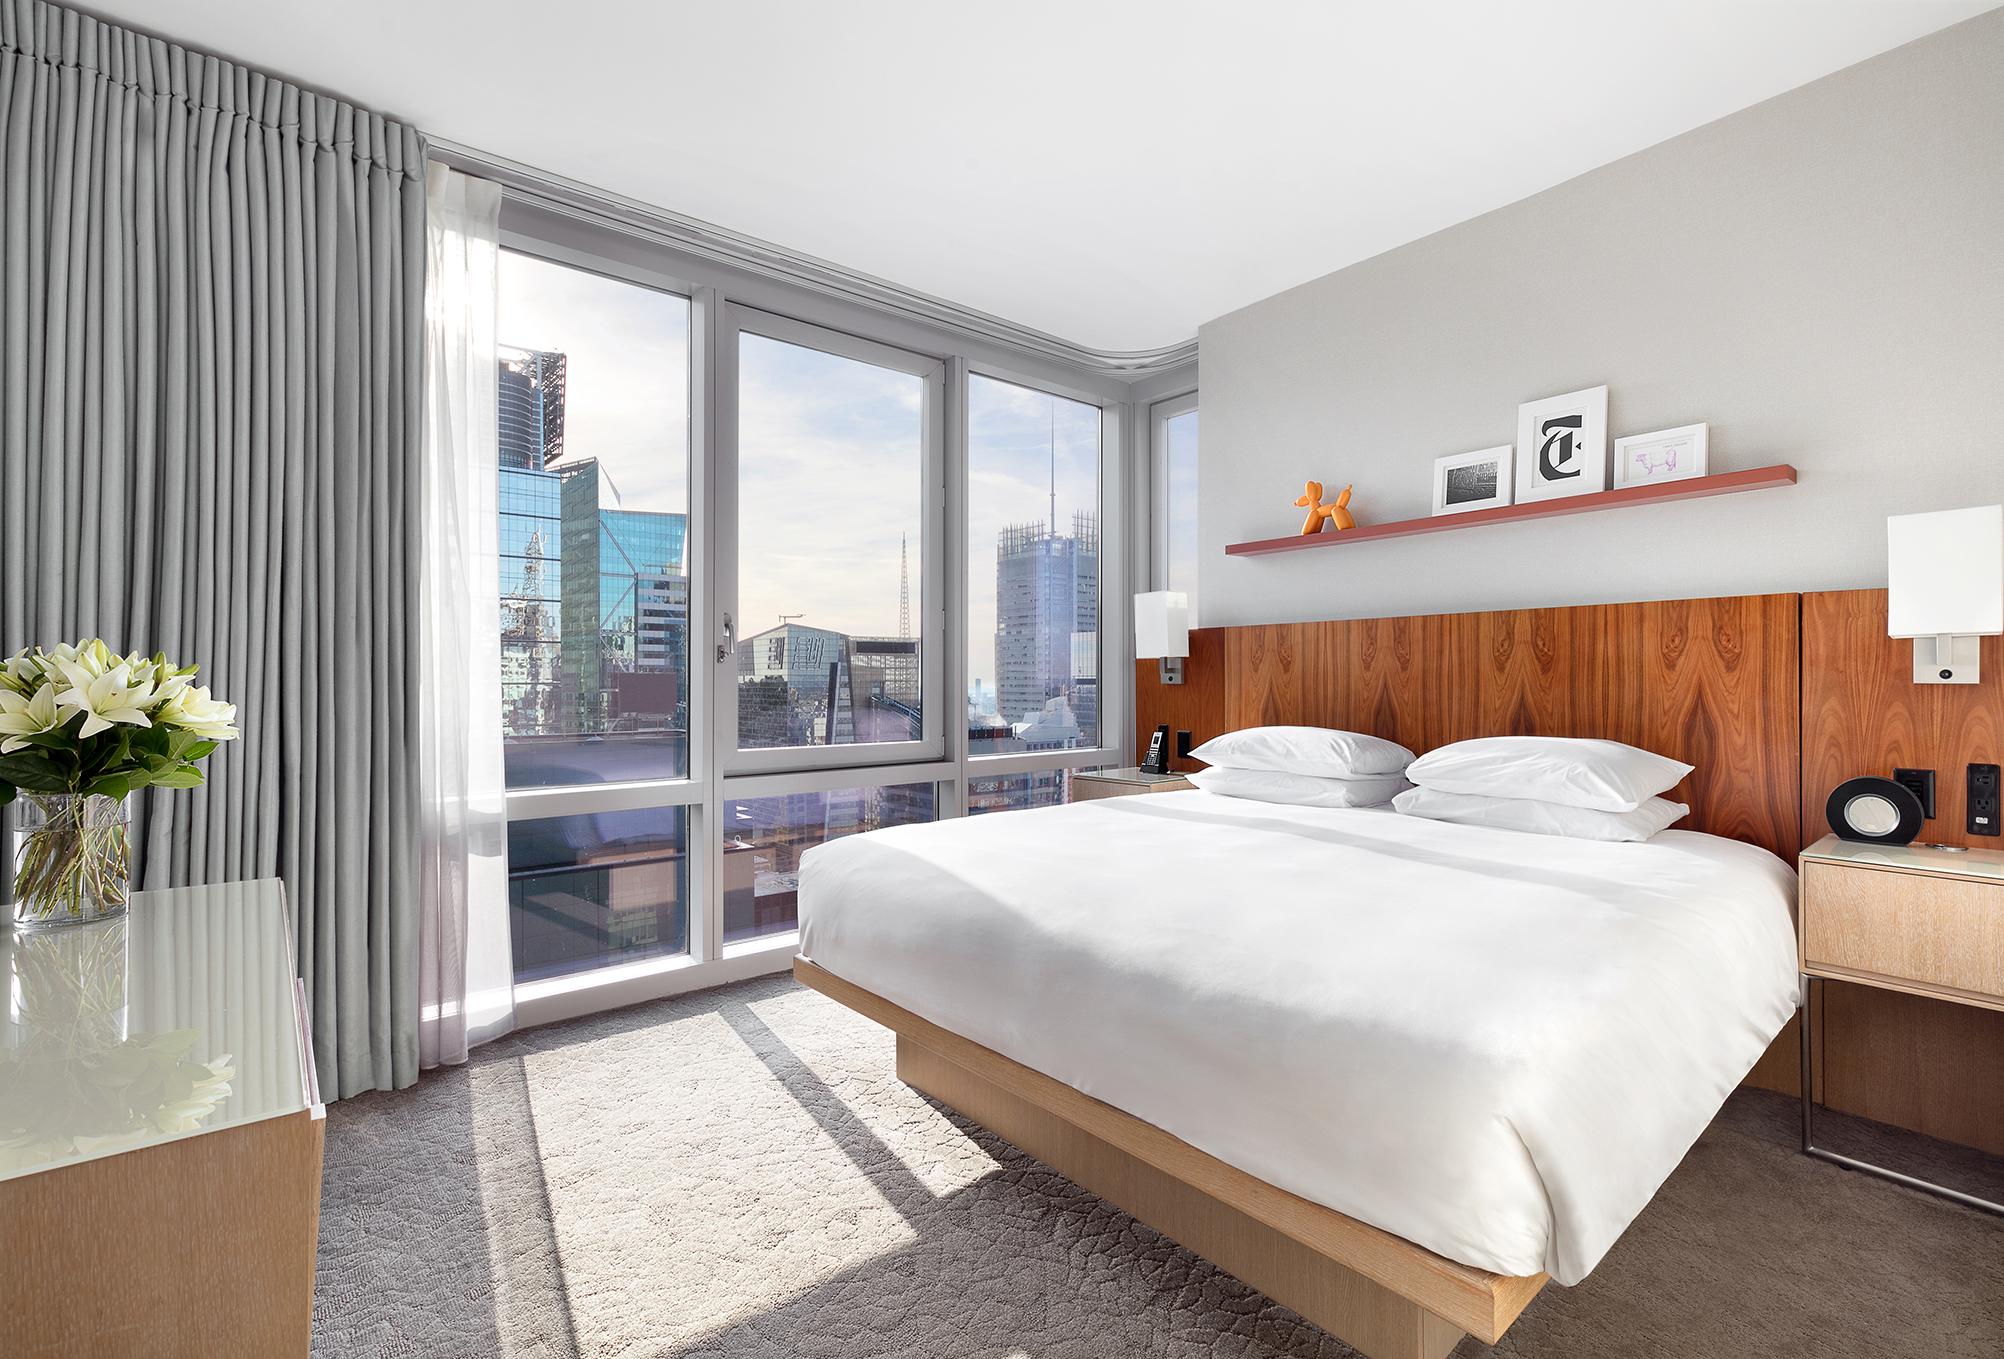 Centric Hyatt - Modern lifestyle boutique hotel